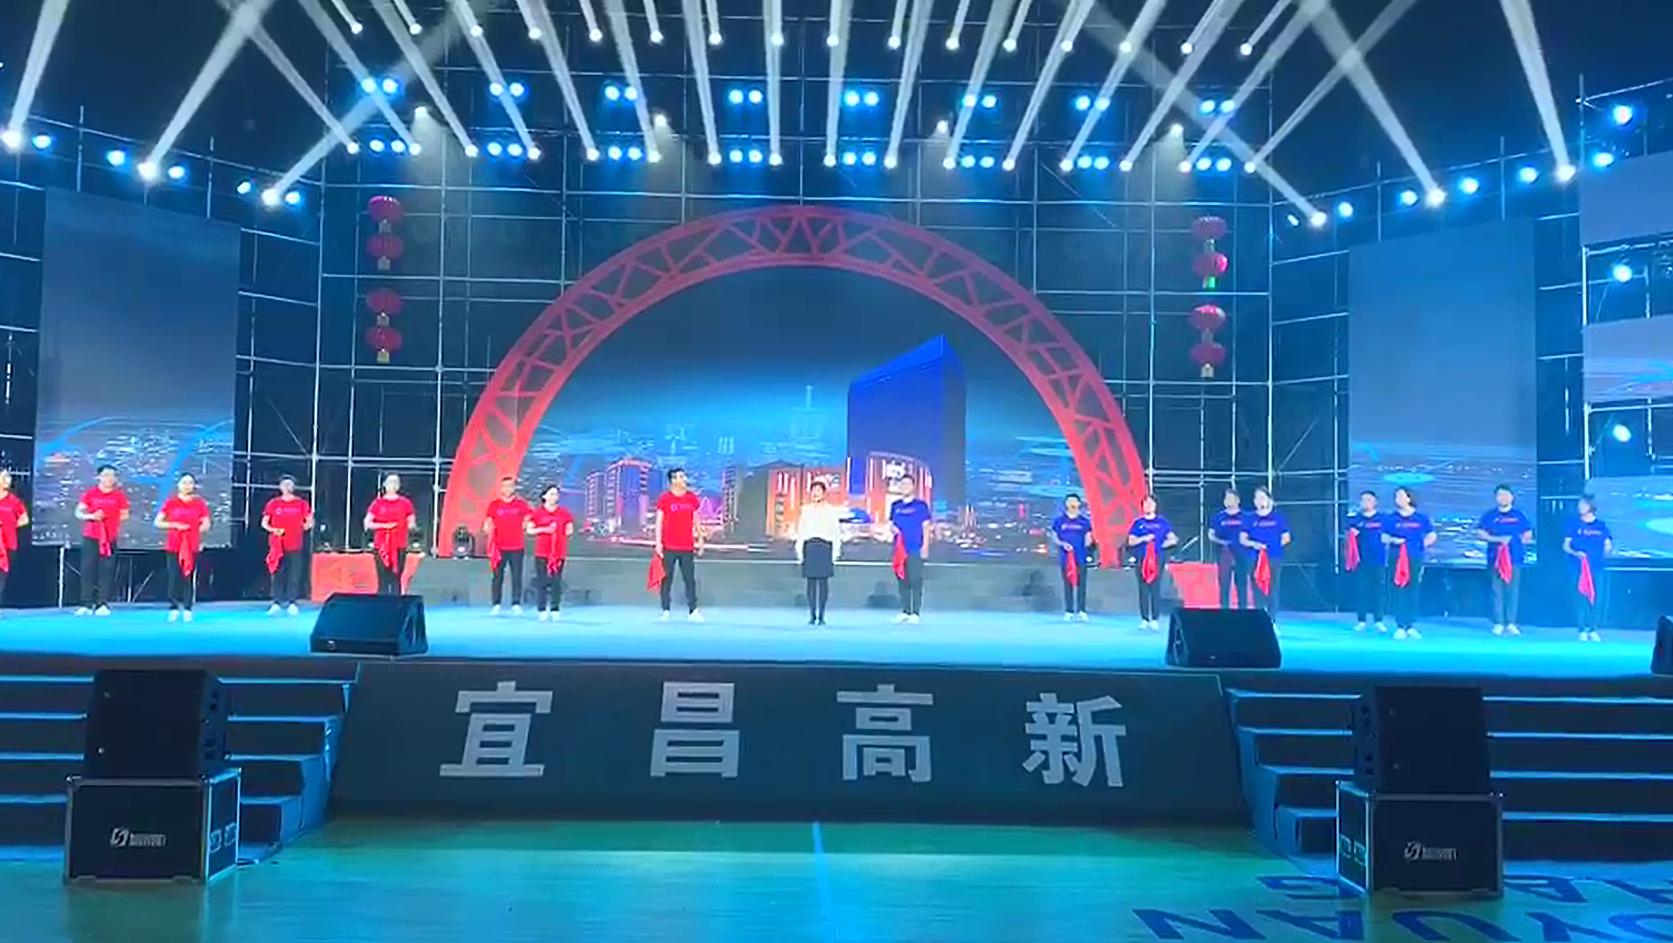 宜昌市高新区2020年迎新汇报演出